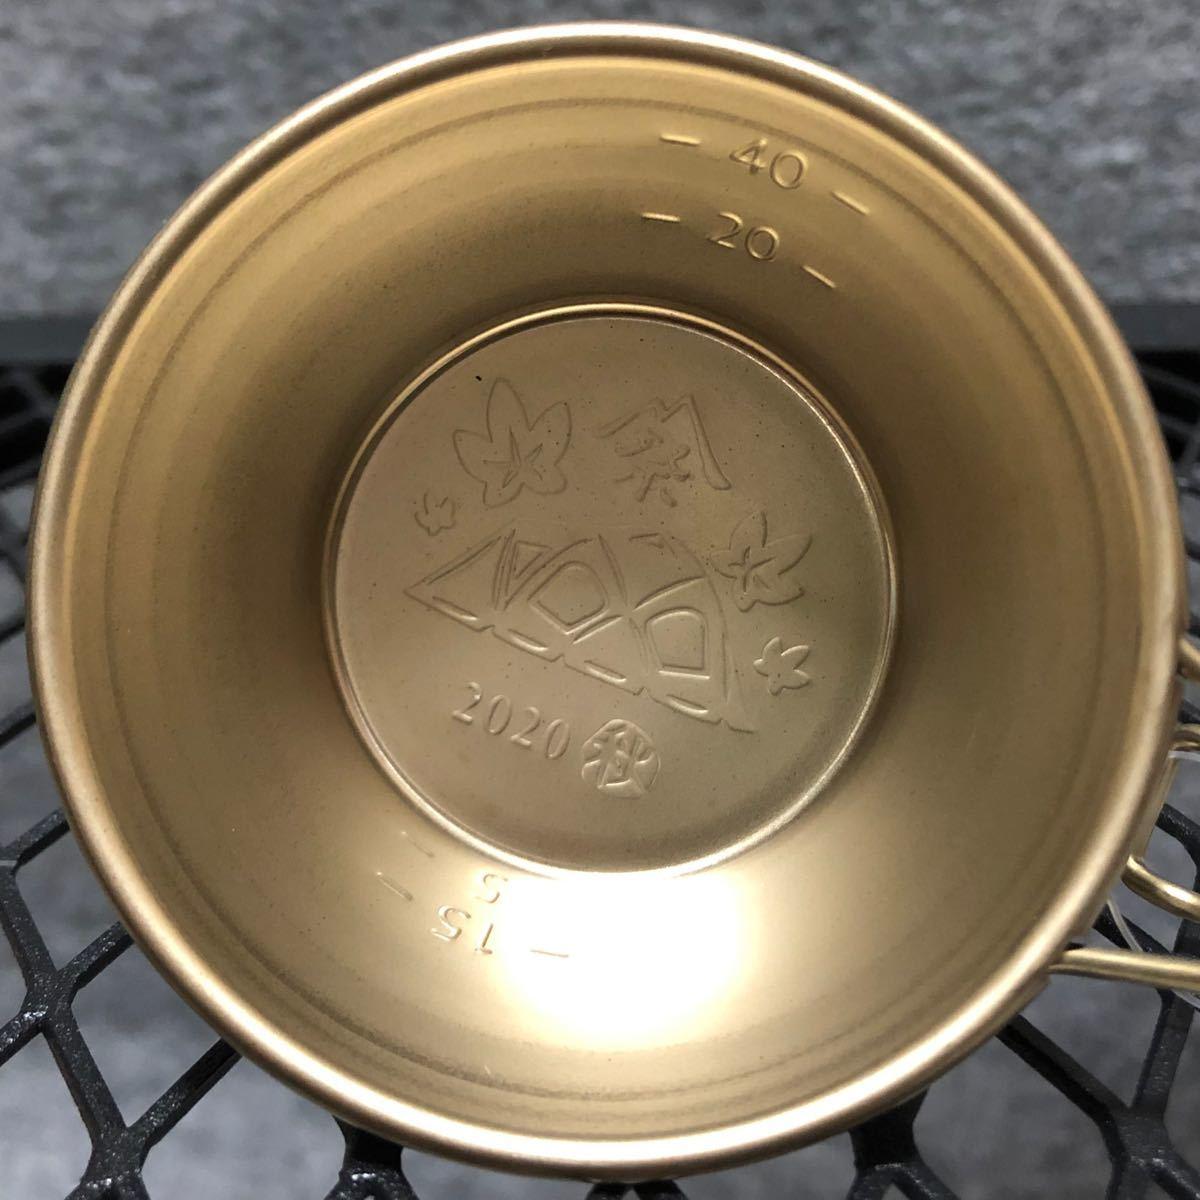 スノーピーク ミニシェラカップ 雪峰祭 2020秋 GOLDEN BROWN